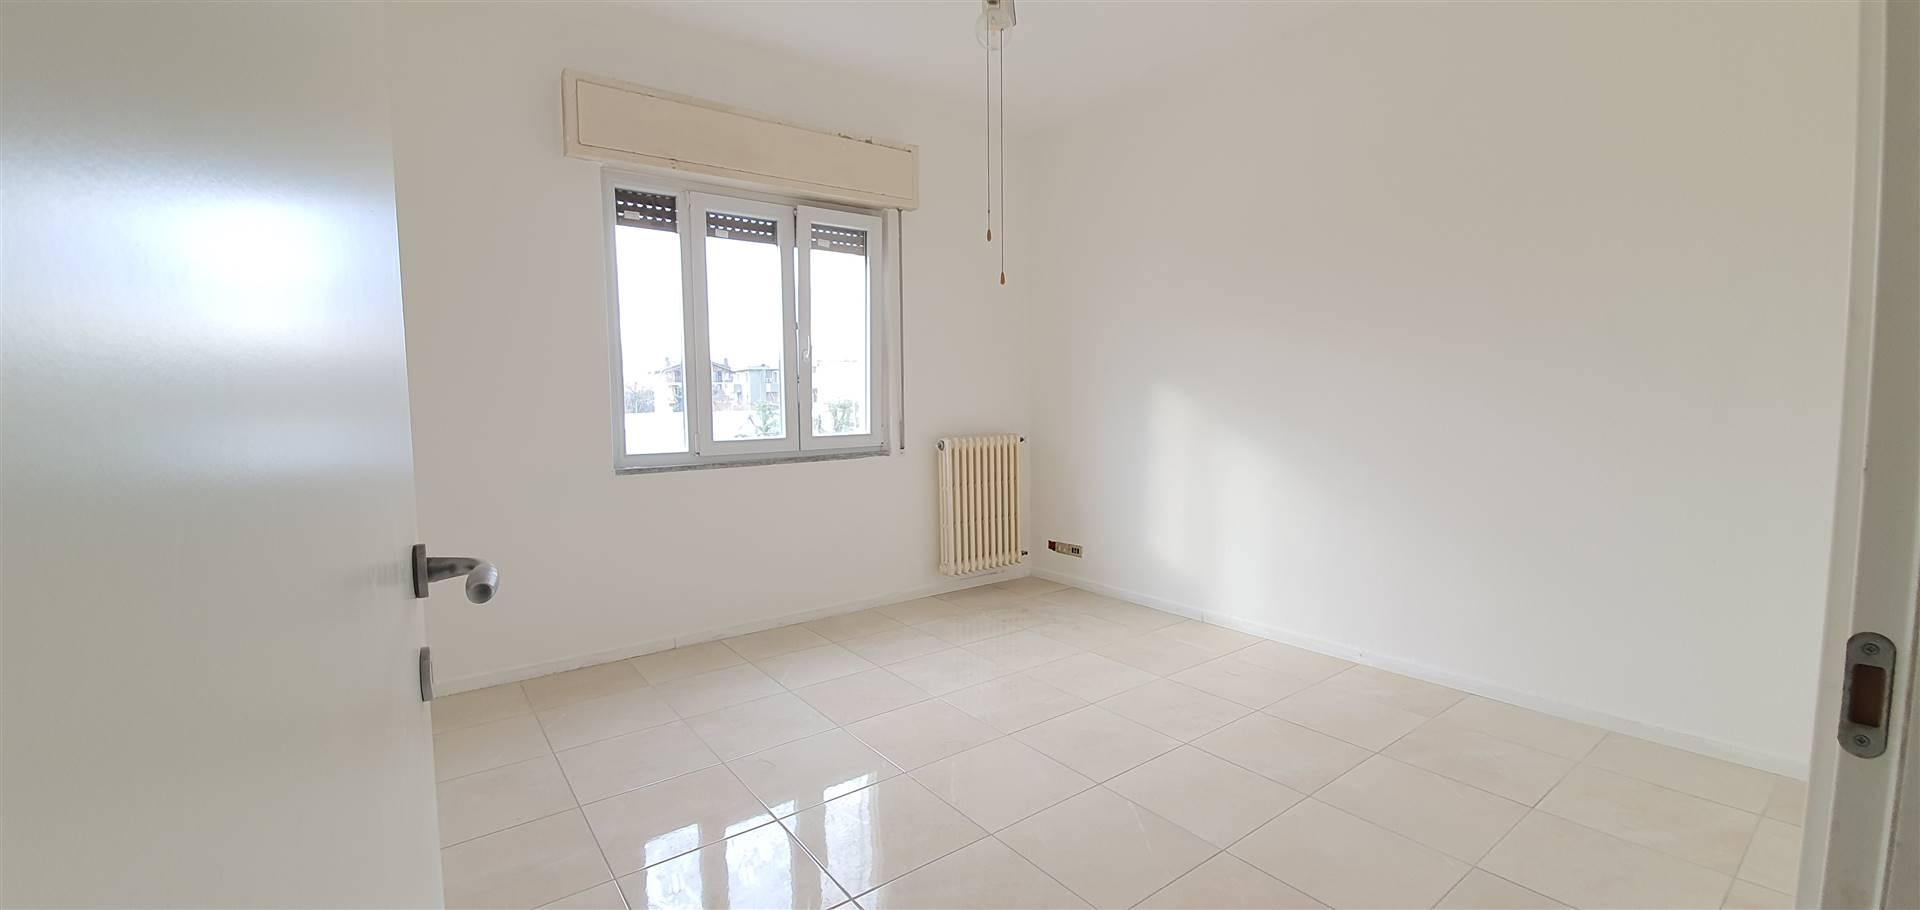 Appartamento in affitto a Senago, 2 locali, zona Località: CASTELLETTO, prezzo € 550   PortaleAgenzieImmobiliari.it